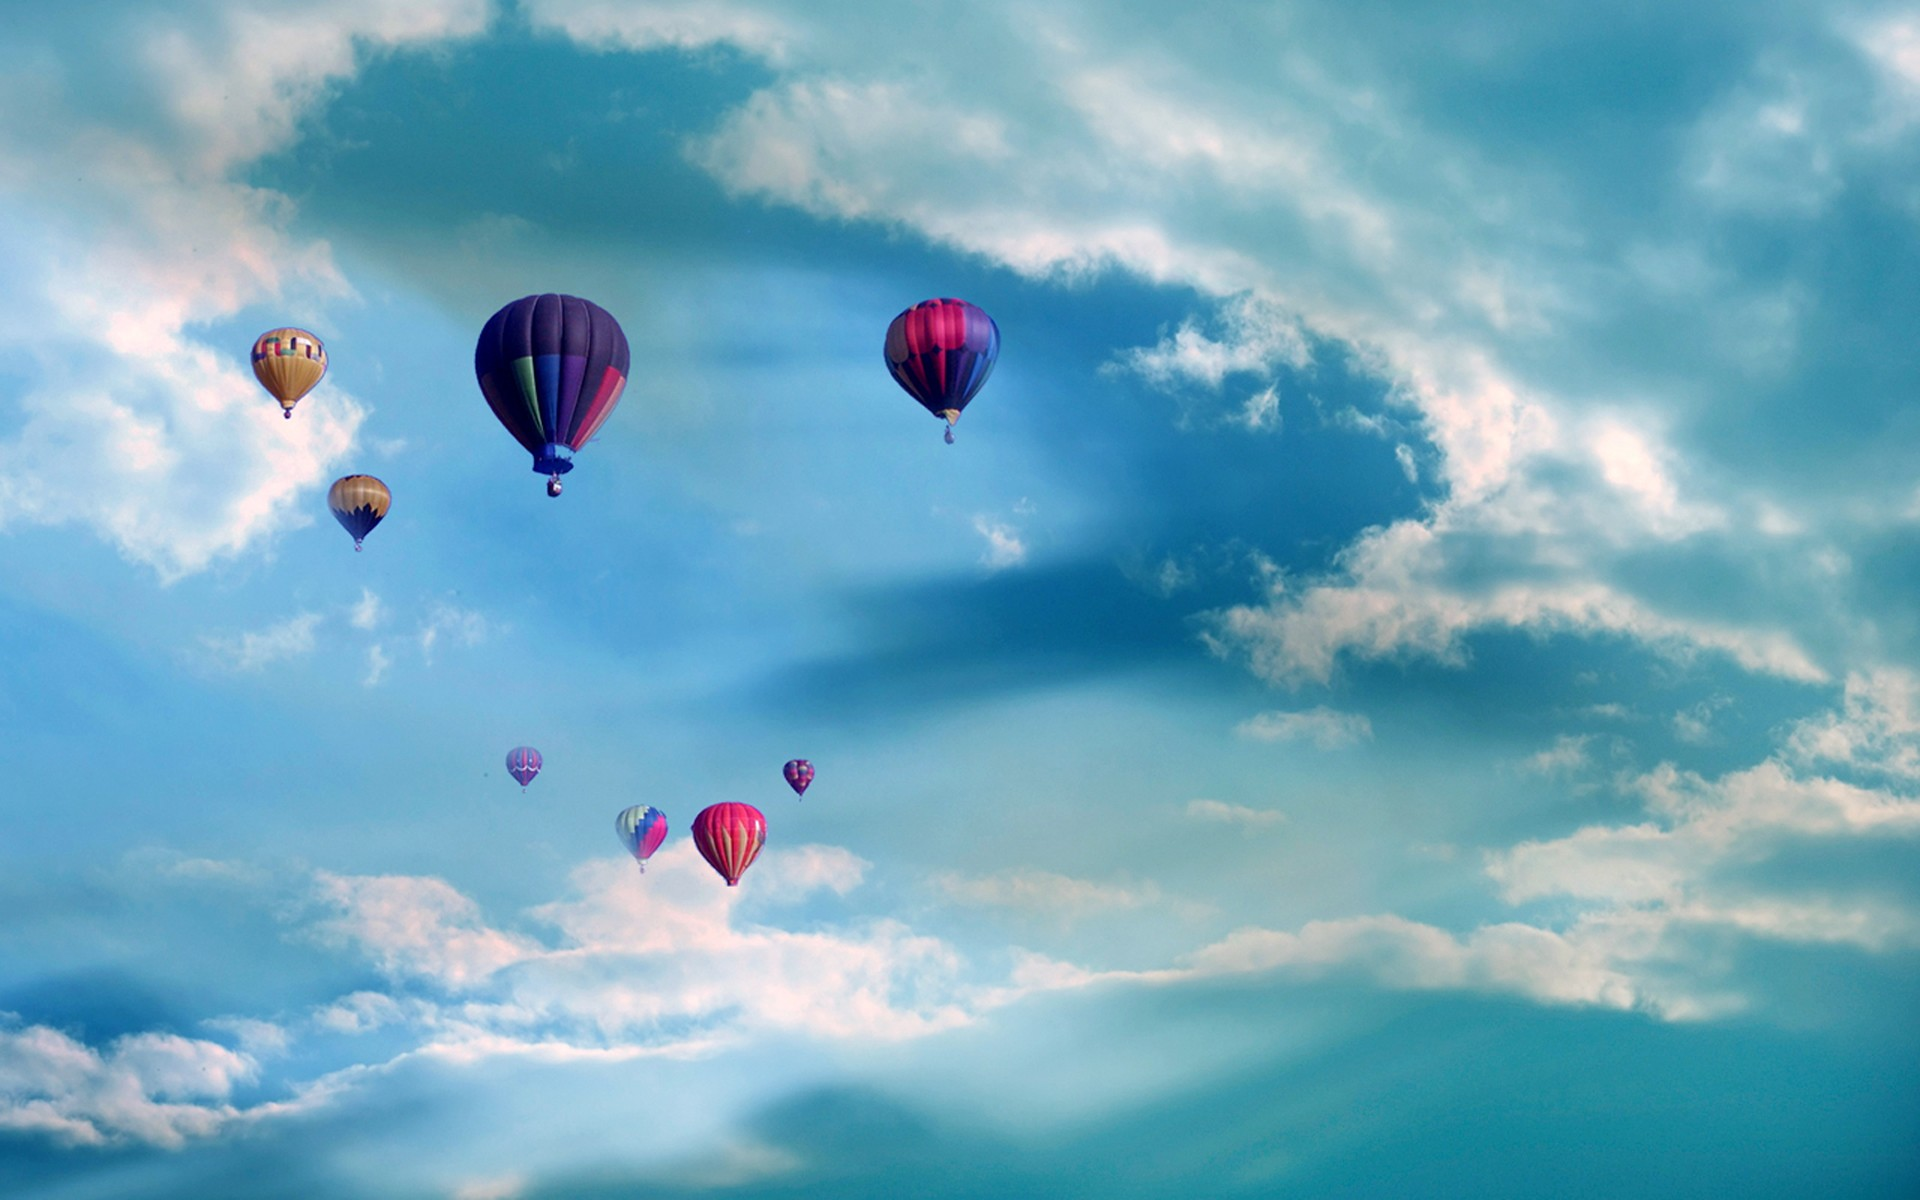 唯美热气球ppt背景图片下载_幻灯片模板免费下载